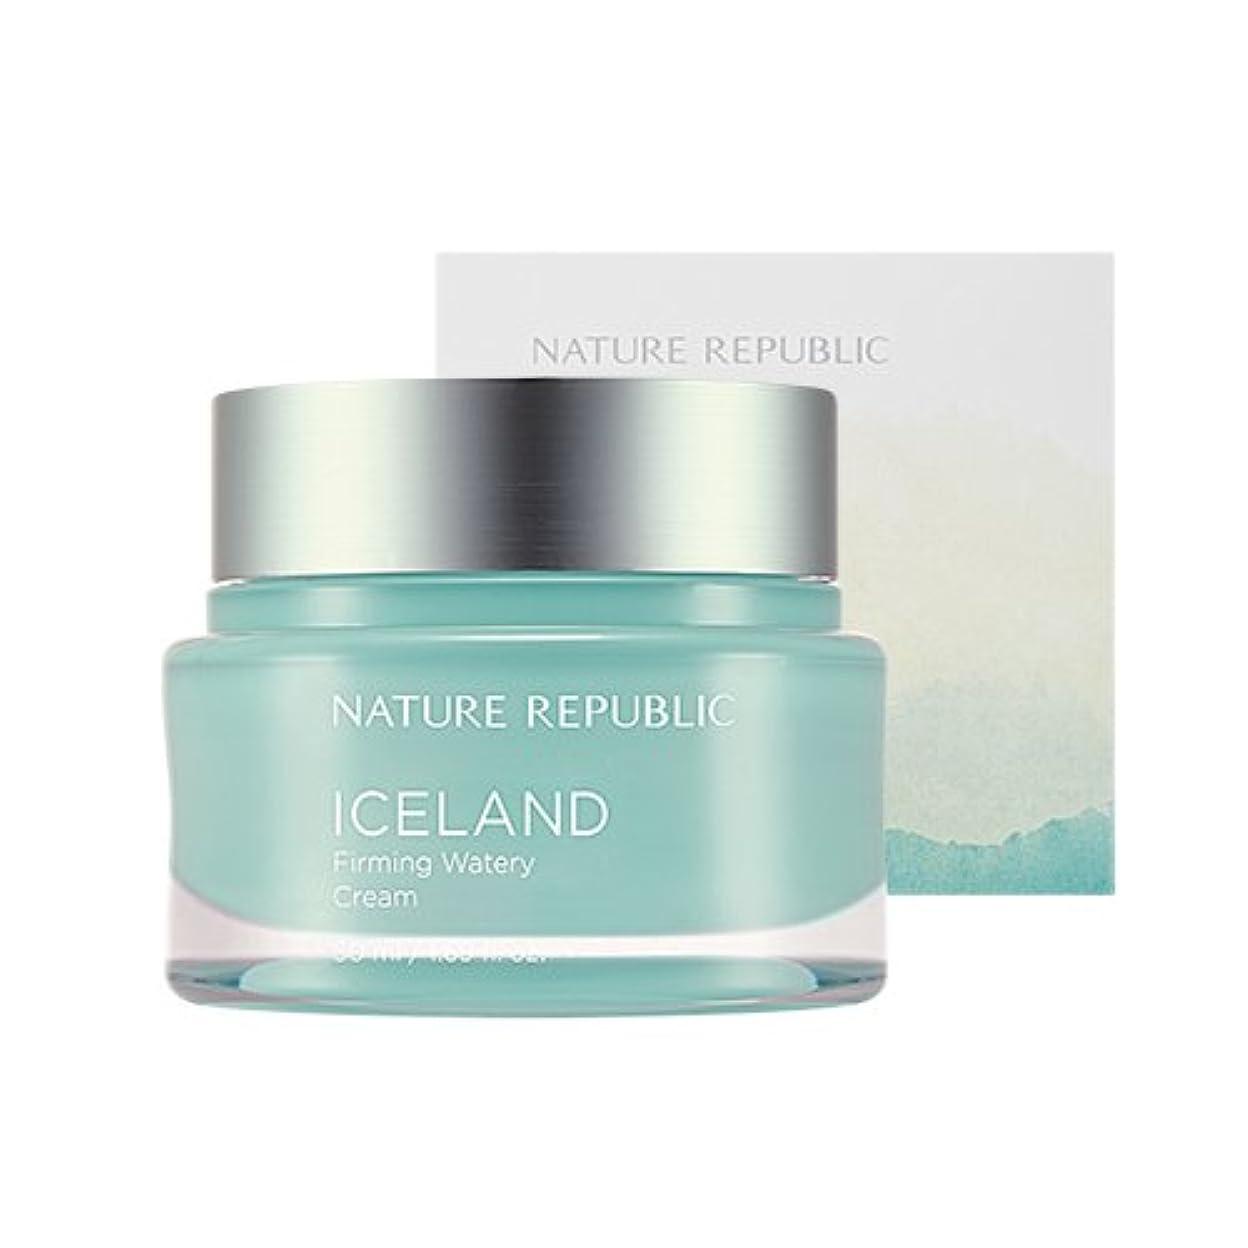 砂の読む調子Nature Republic Iceland Firming Watery Cream 50ml / ネイチャーリパブリック アイスファーミング水分クリーム 50ml [並行輸入品]